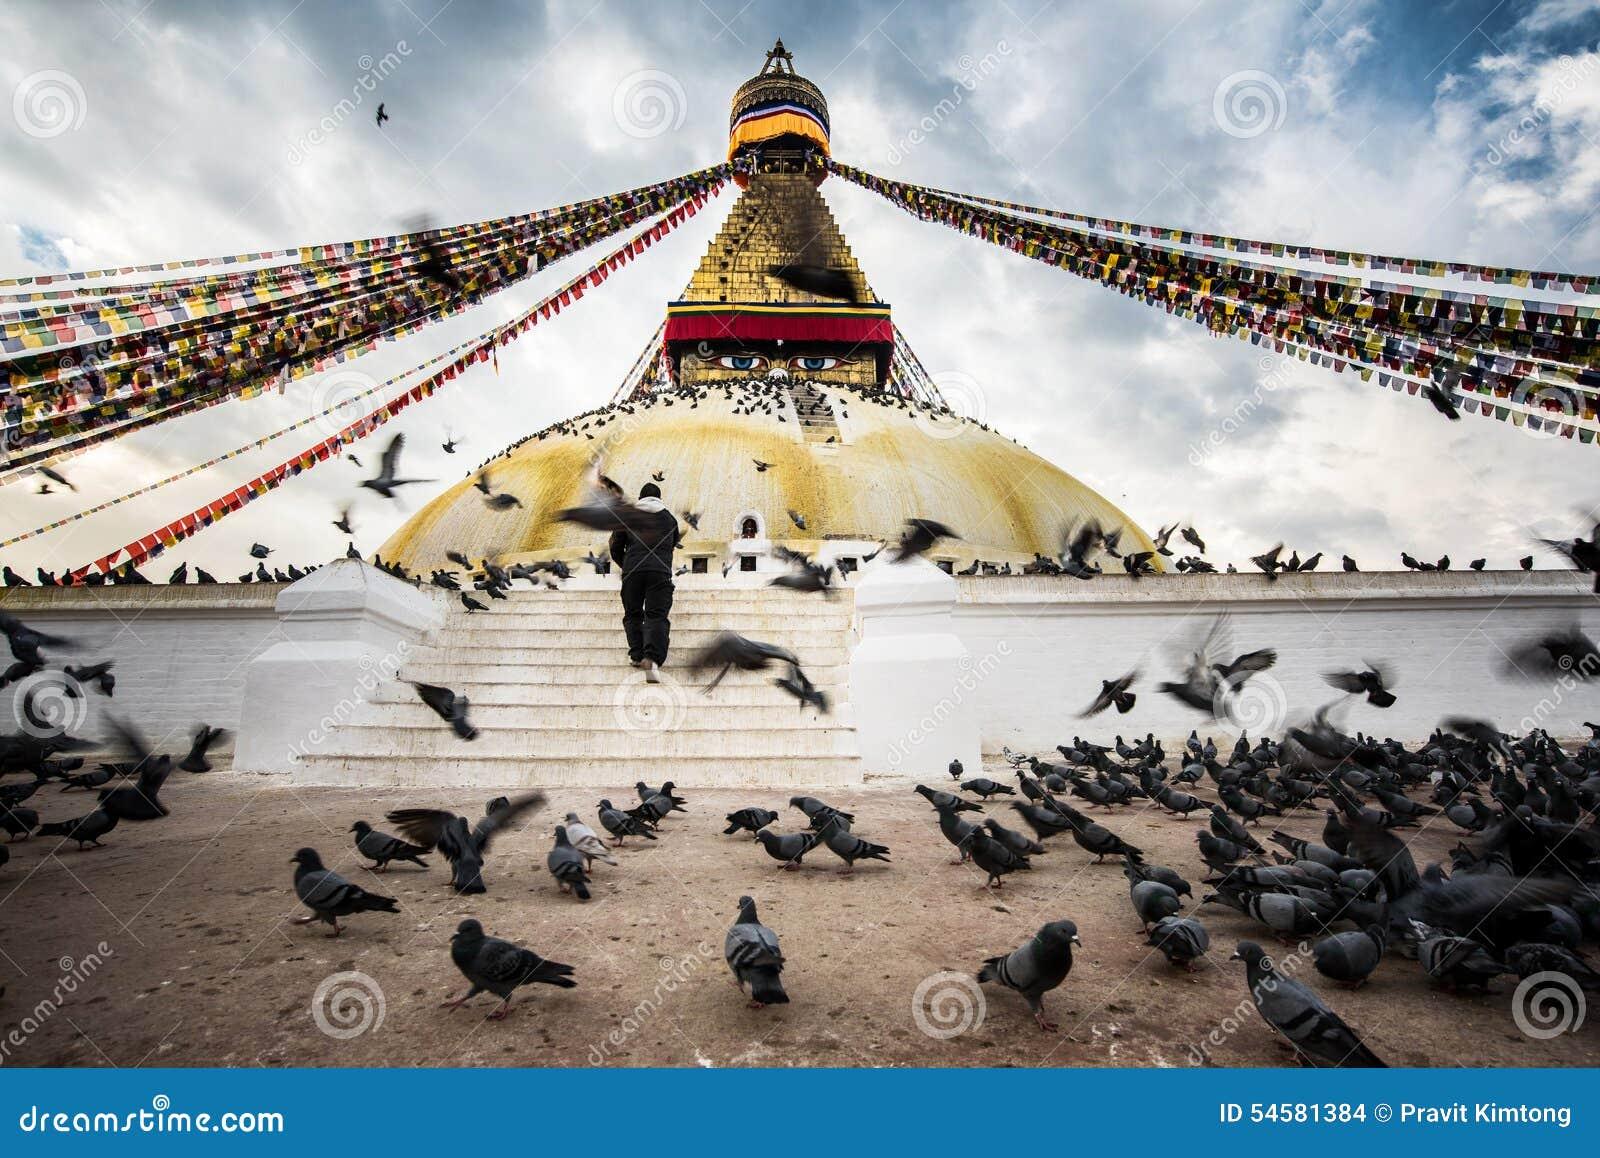 Den Bodhnath stupaen med flygfåglar och folket hoppas på blå himmel i Kathmandu Valley, Nepal